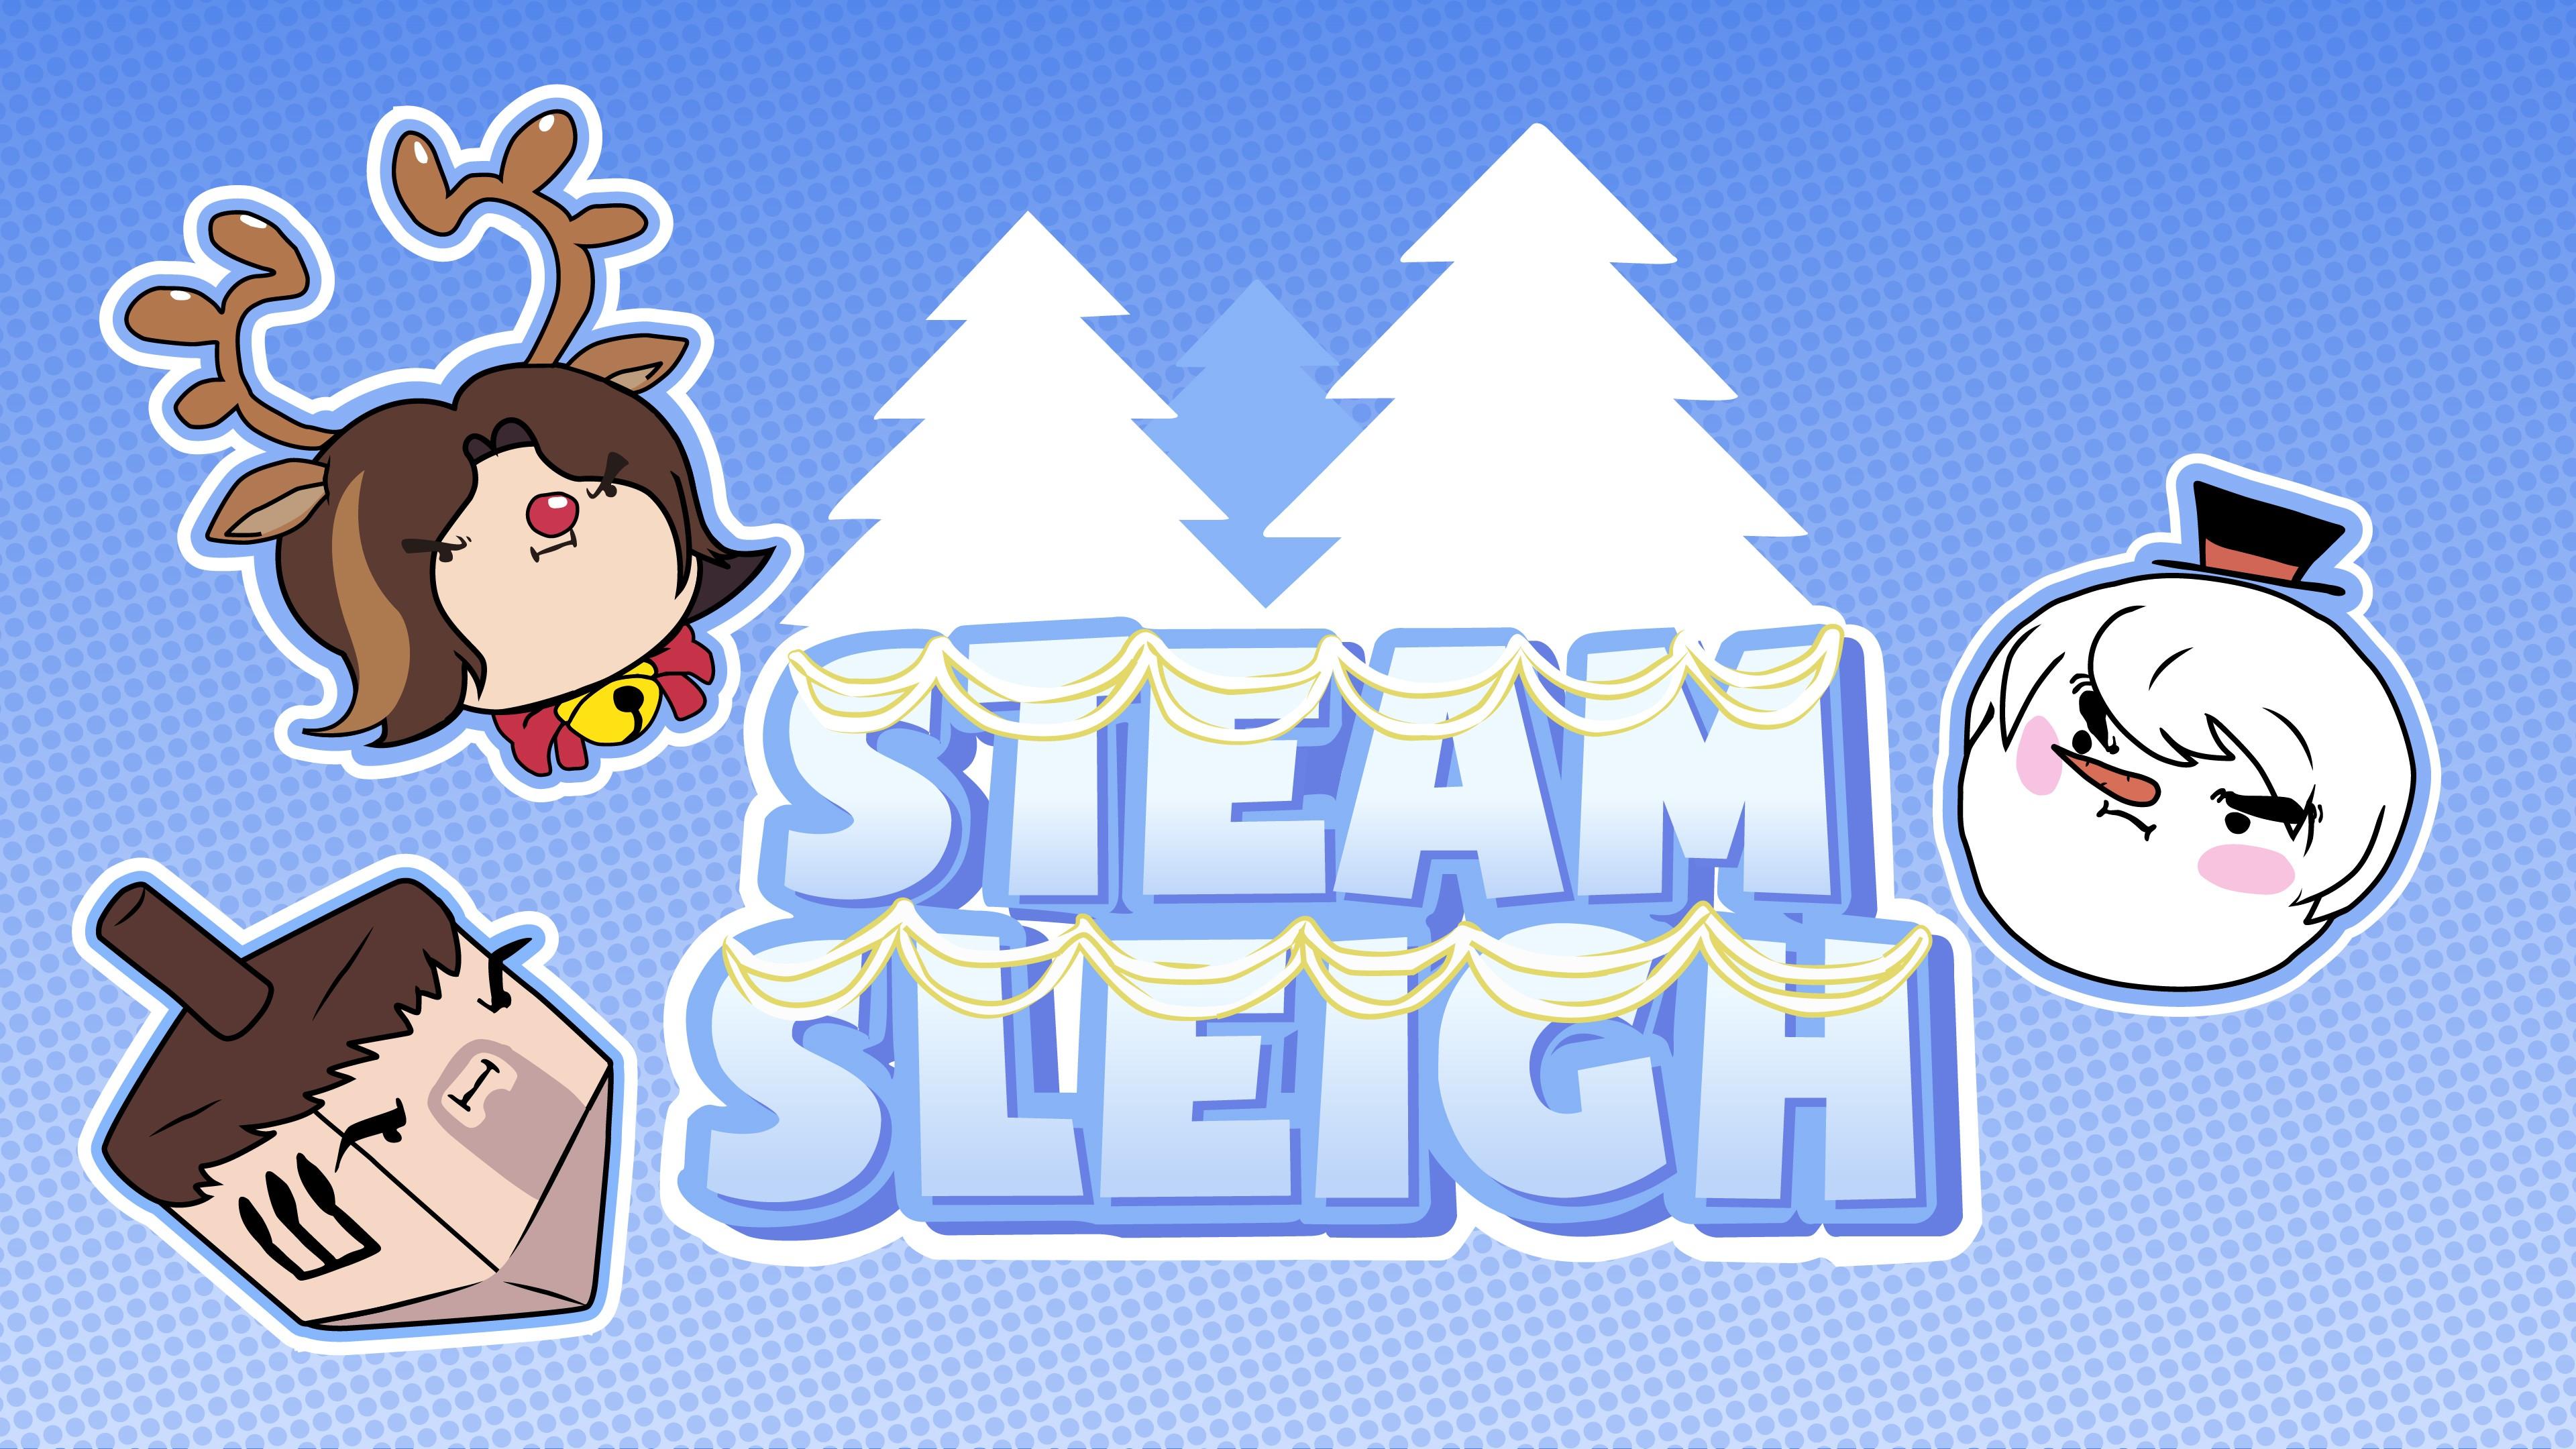 Sfondi illustrazione videogiochi logo cartone animato